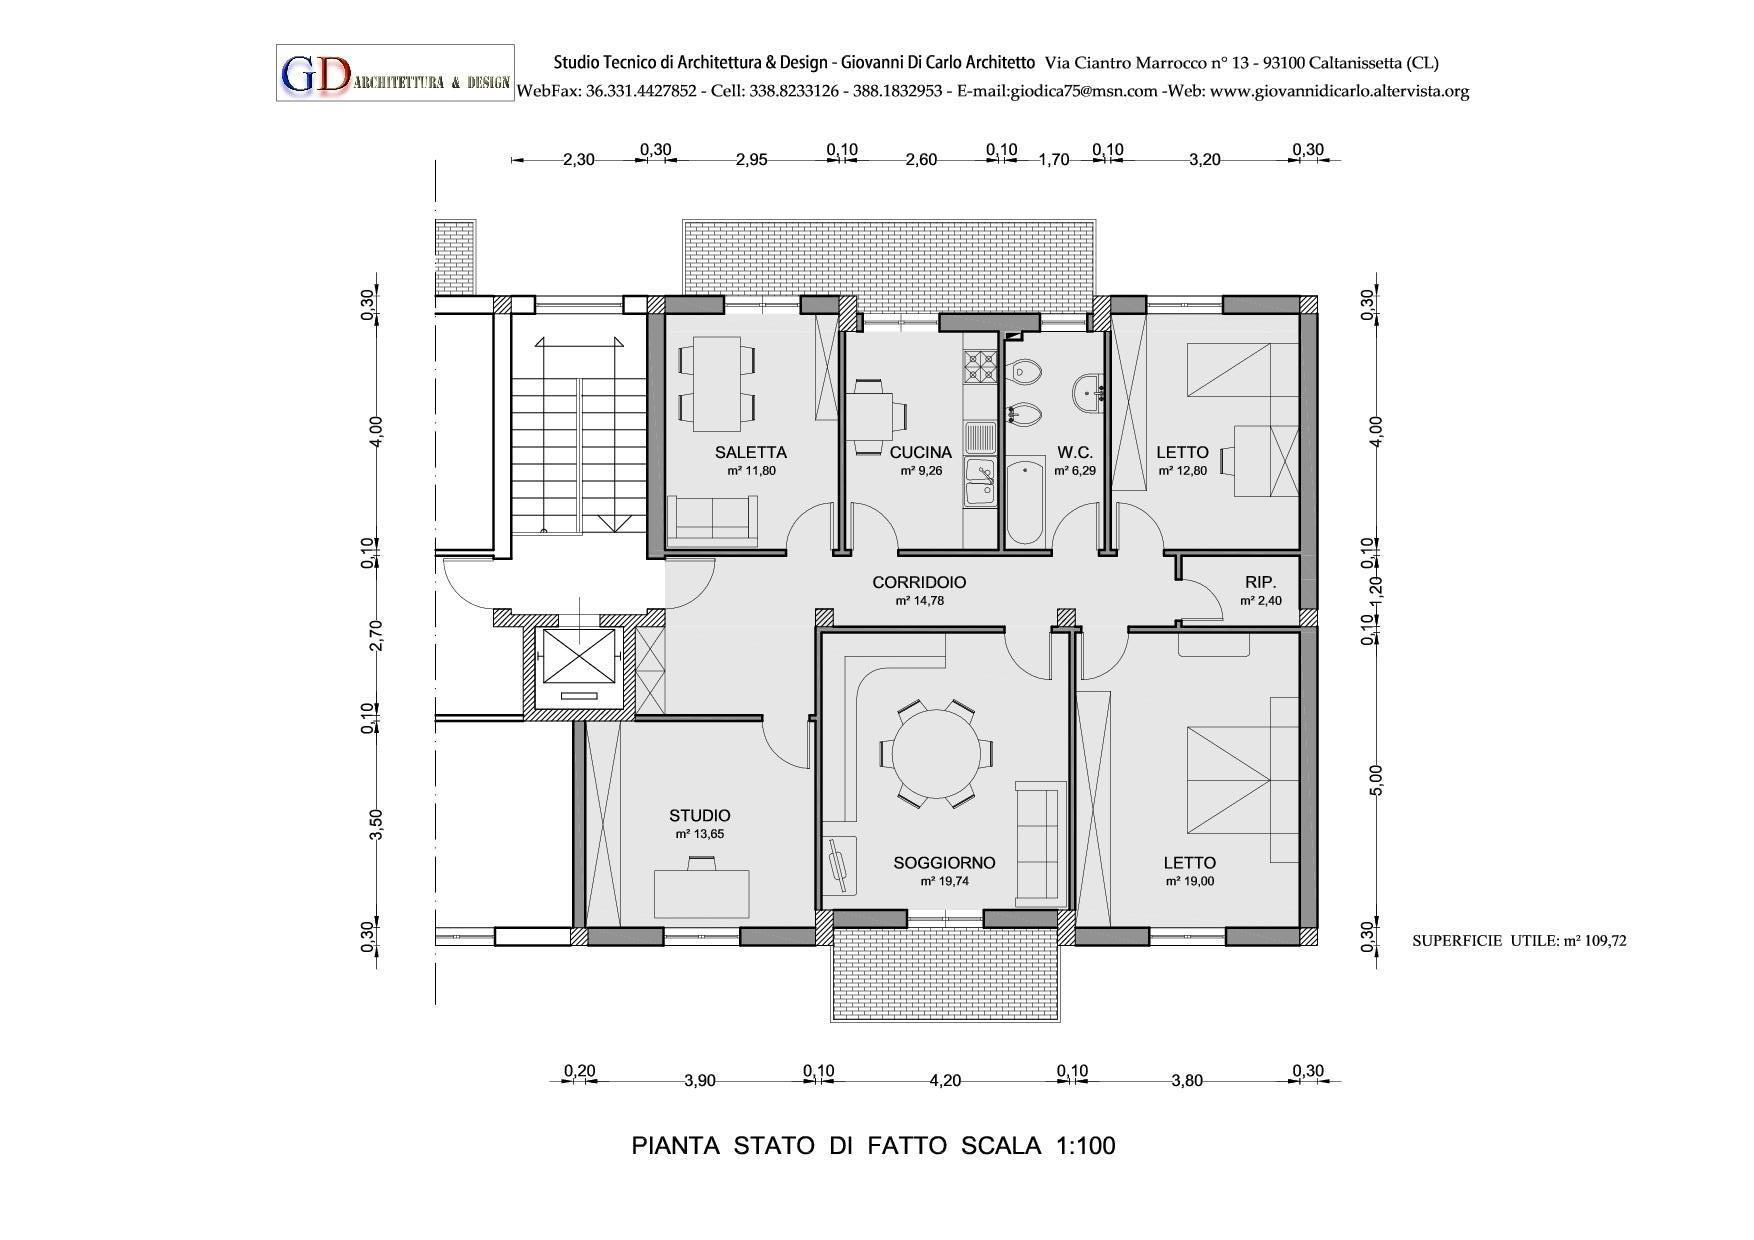 ristrutturazione edilizia caltanissetta  Giovanni Di Carlo Architetto